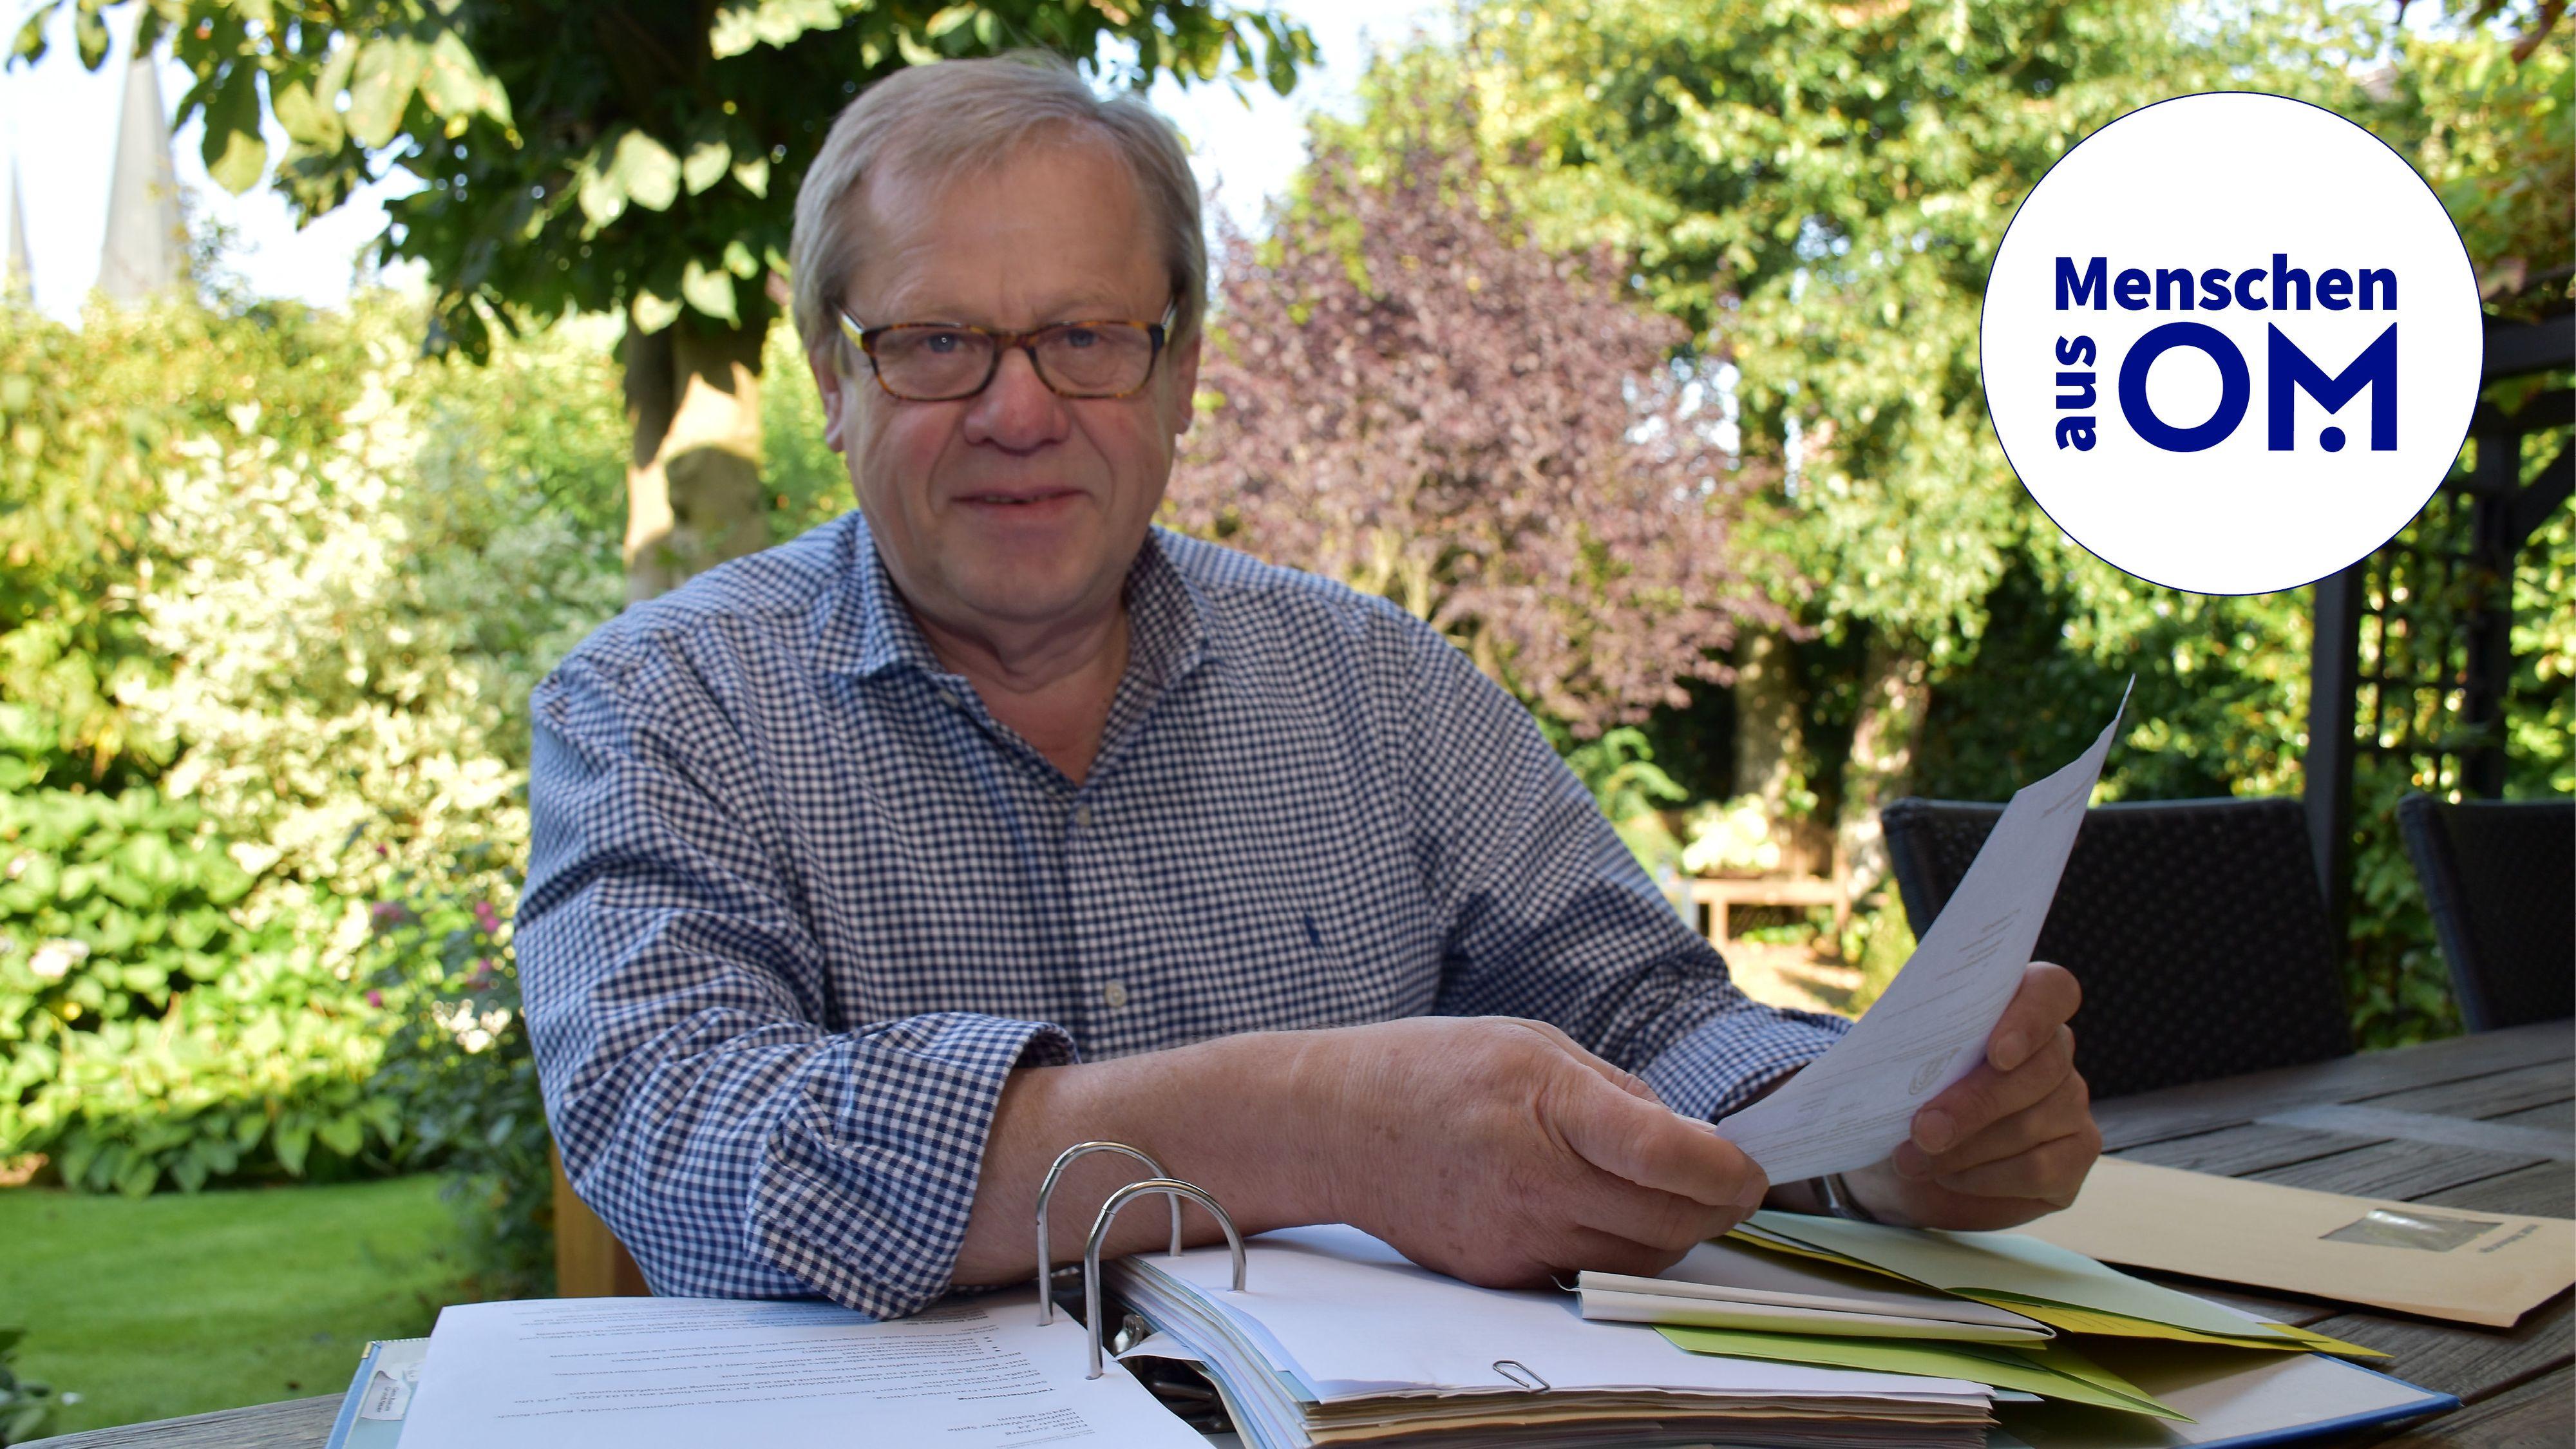 Ein ganzer Ordner voll: Über seine Zeit als Wahlhelfer hat Werner Spille so manche Unterlagen gesammelt und abgeheftet. Foto: Klöker